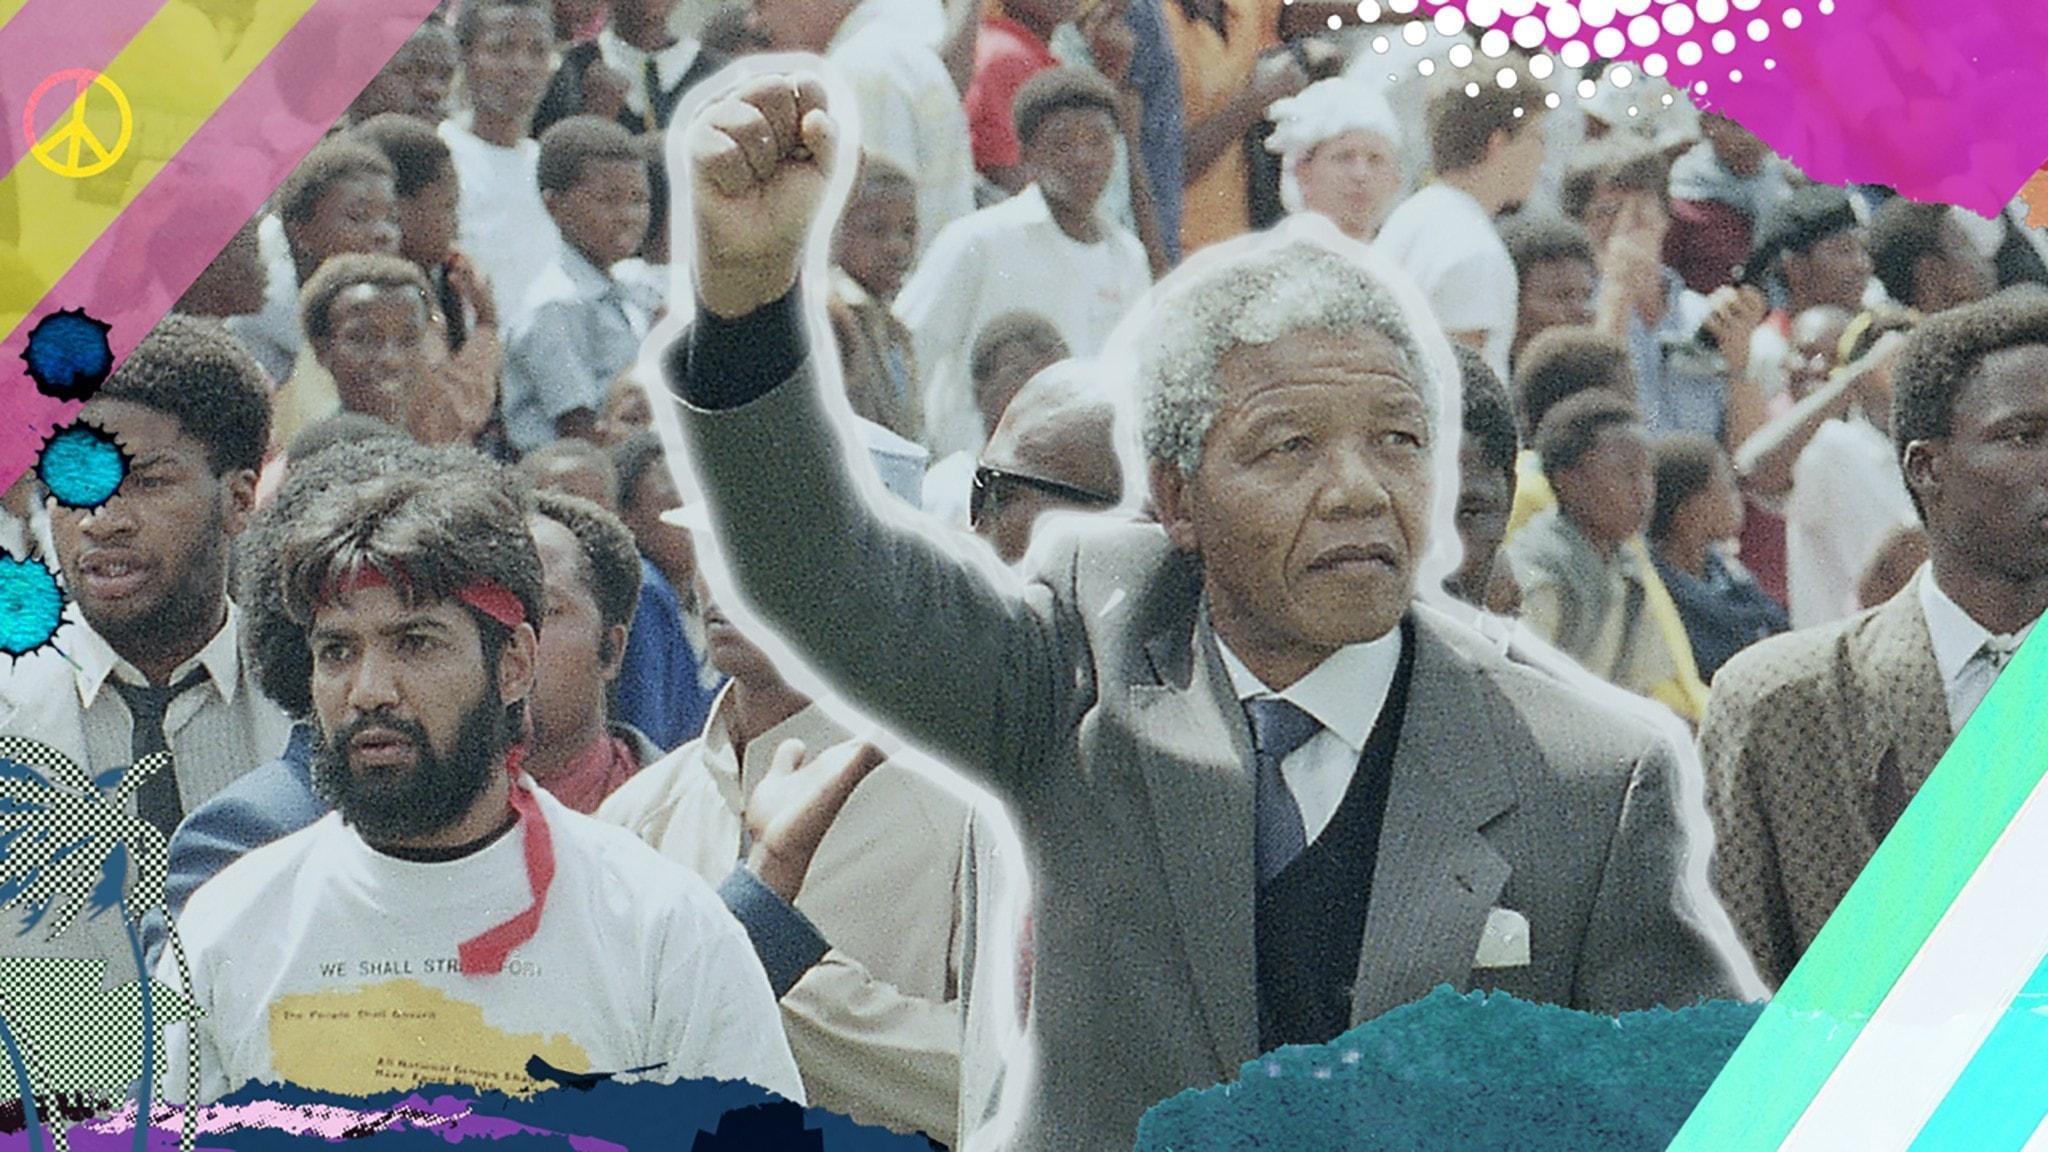 Stora händelser om frigivningen av Nelson Mandela